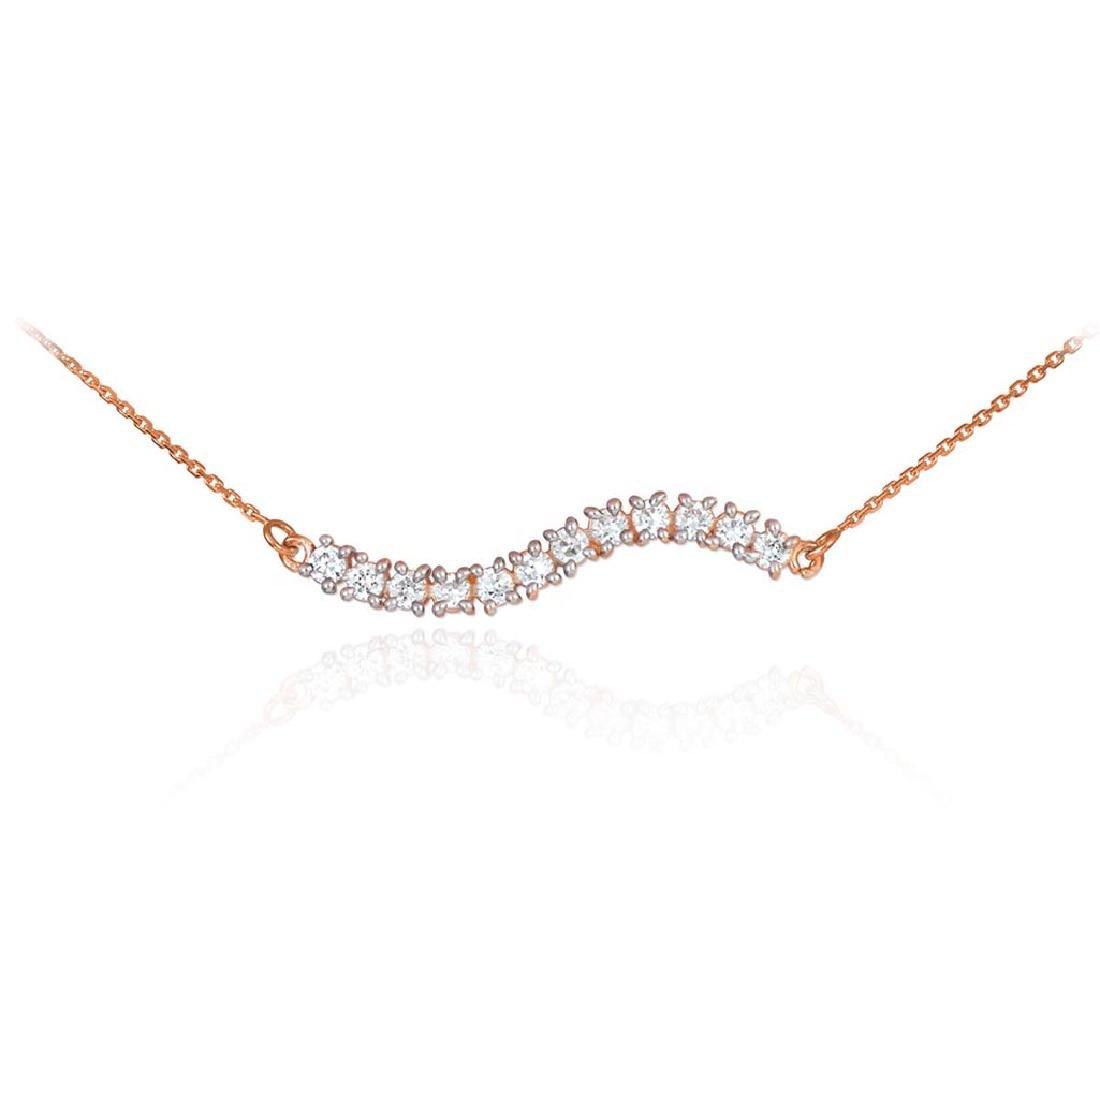 14K Rose Gold Cz Journey Necklace